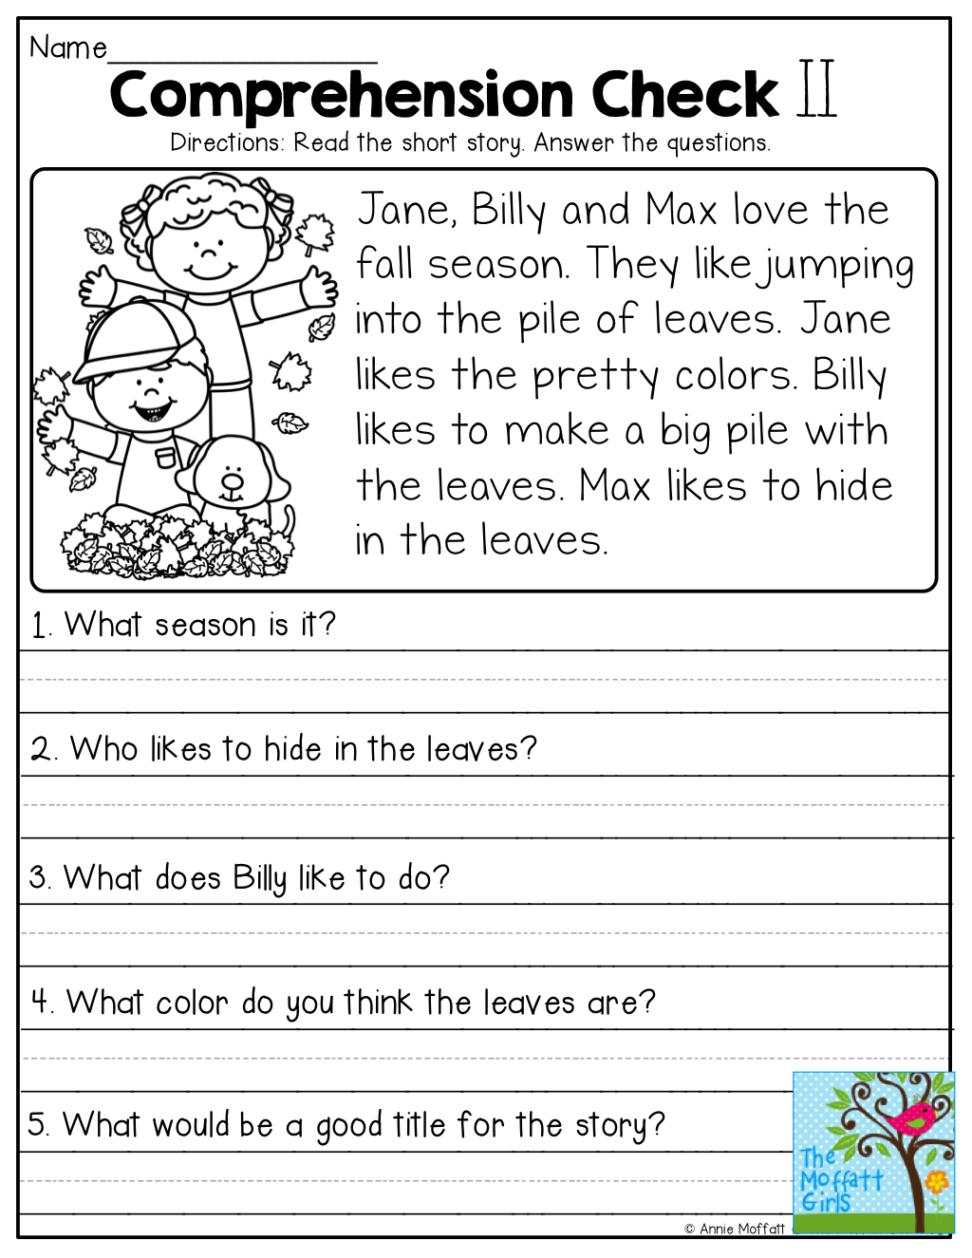 Worksheet. Free Printable Reading Comprehension Worksheets - Free Printable Reading Comprehension Worksheets For Kindergarten